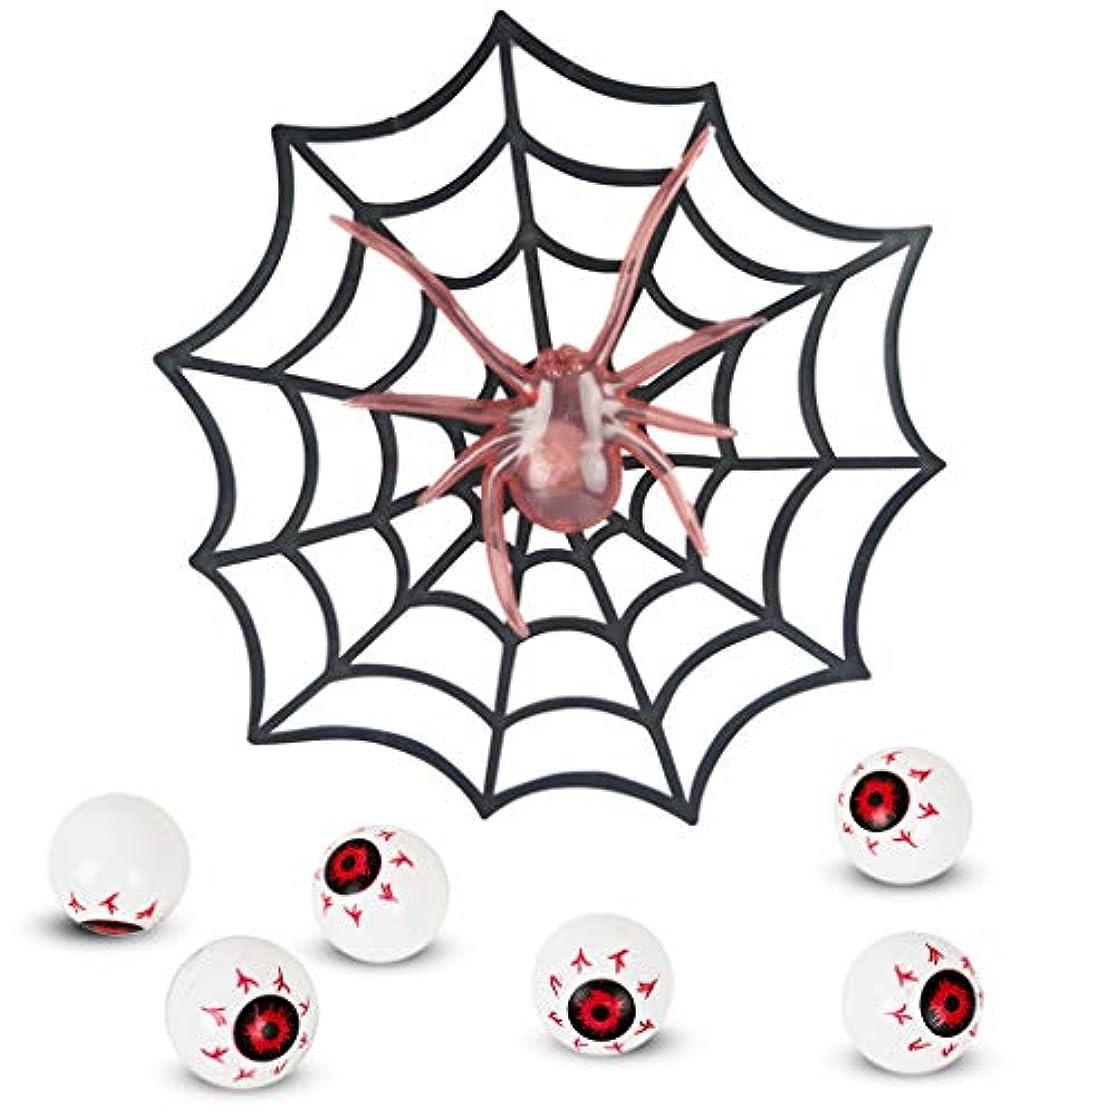 脚本高架についてJiaxingo ハロウィン くも キャンディーボックス おもちゃ 光る 7個セット クモの巣 ハロウィーンデコレーション パーティーの装飾 プチギフト お祭り 景品 プレゼント